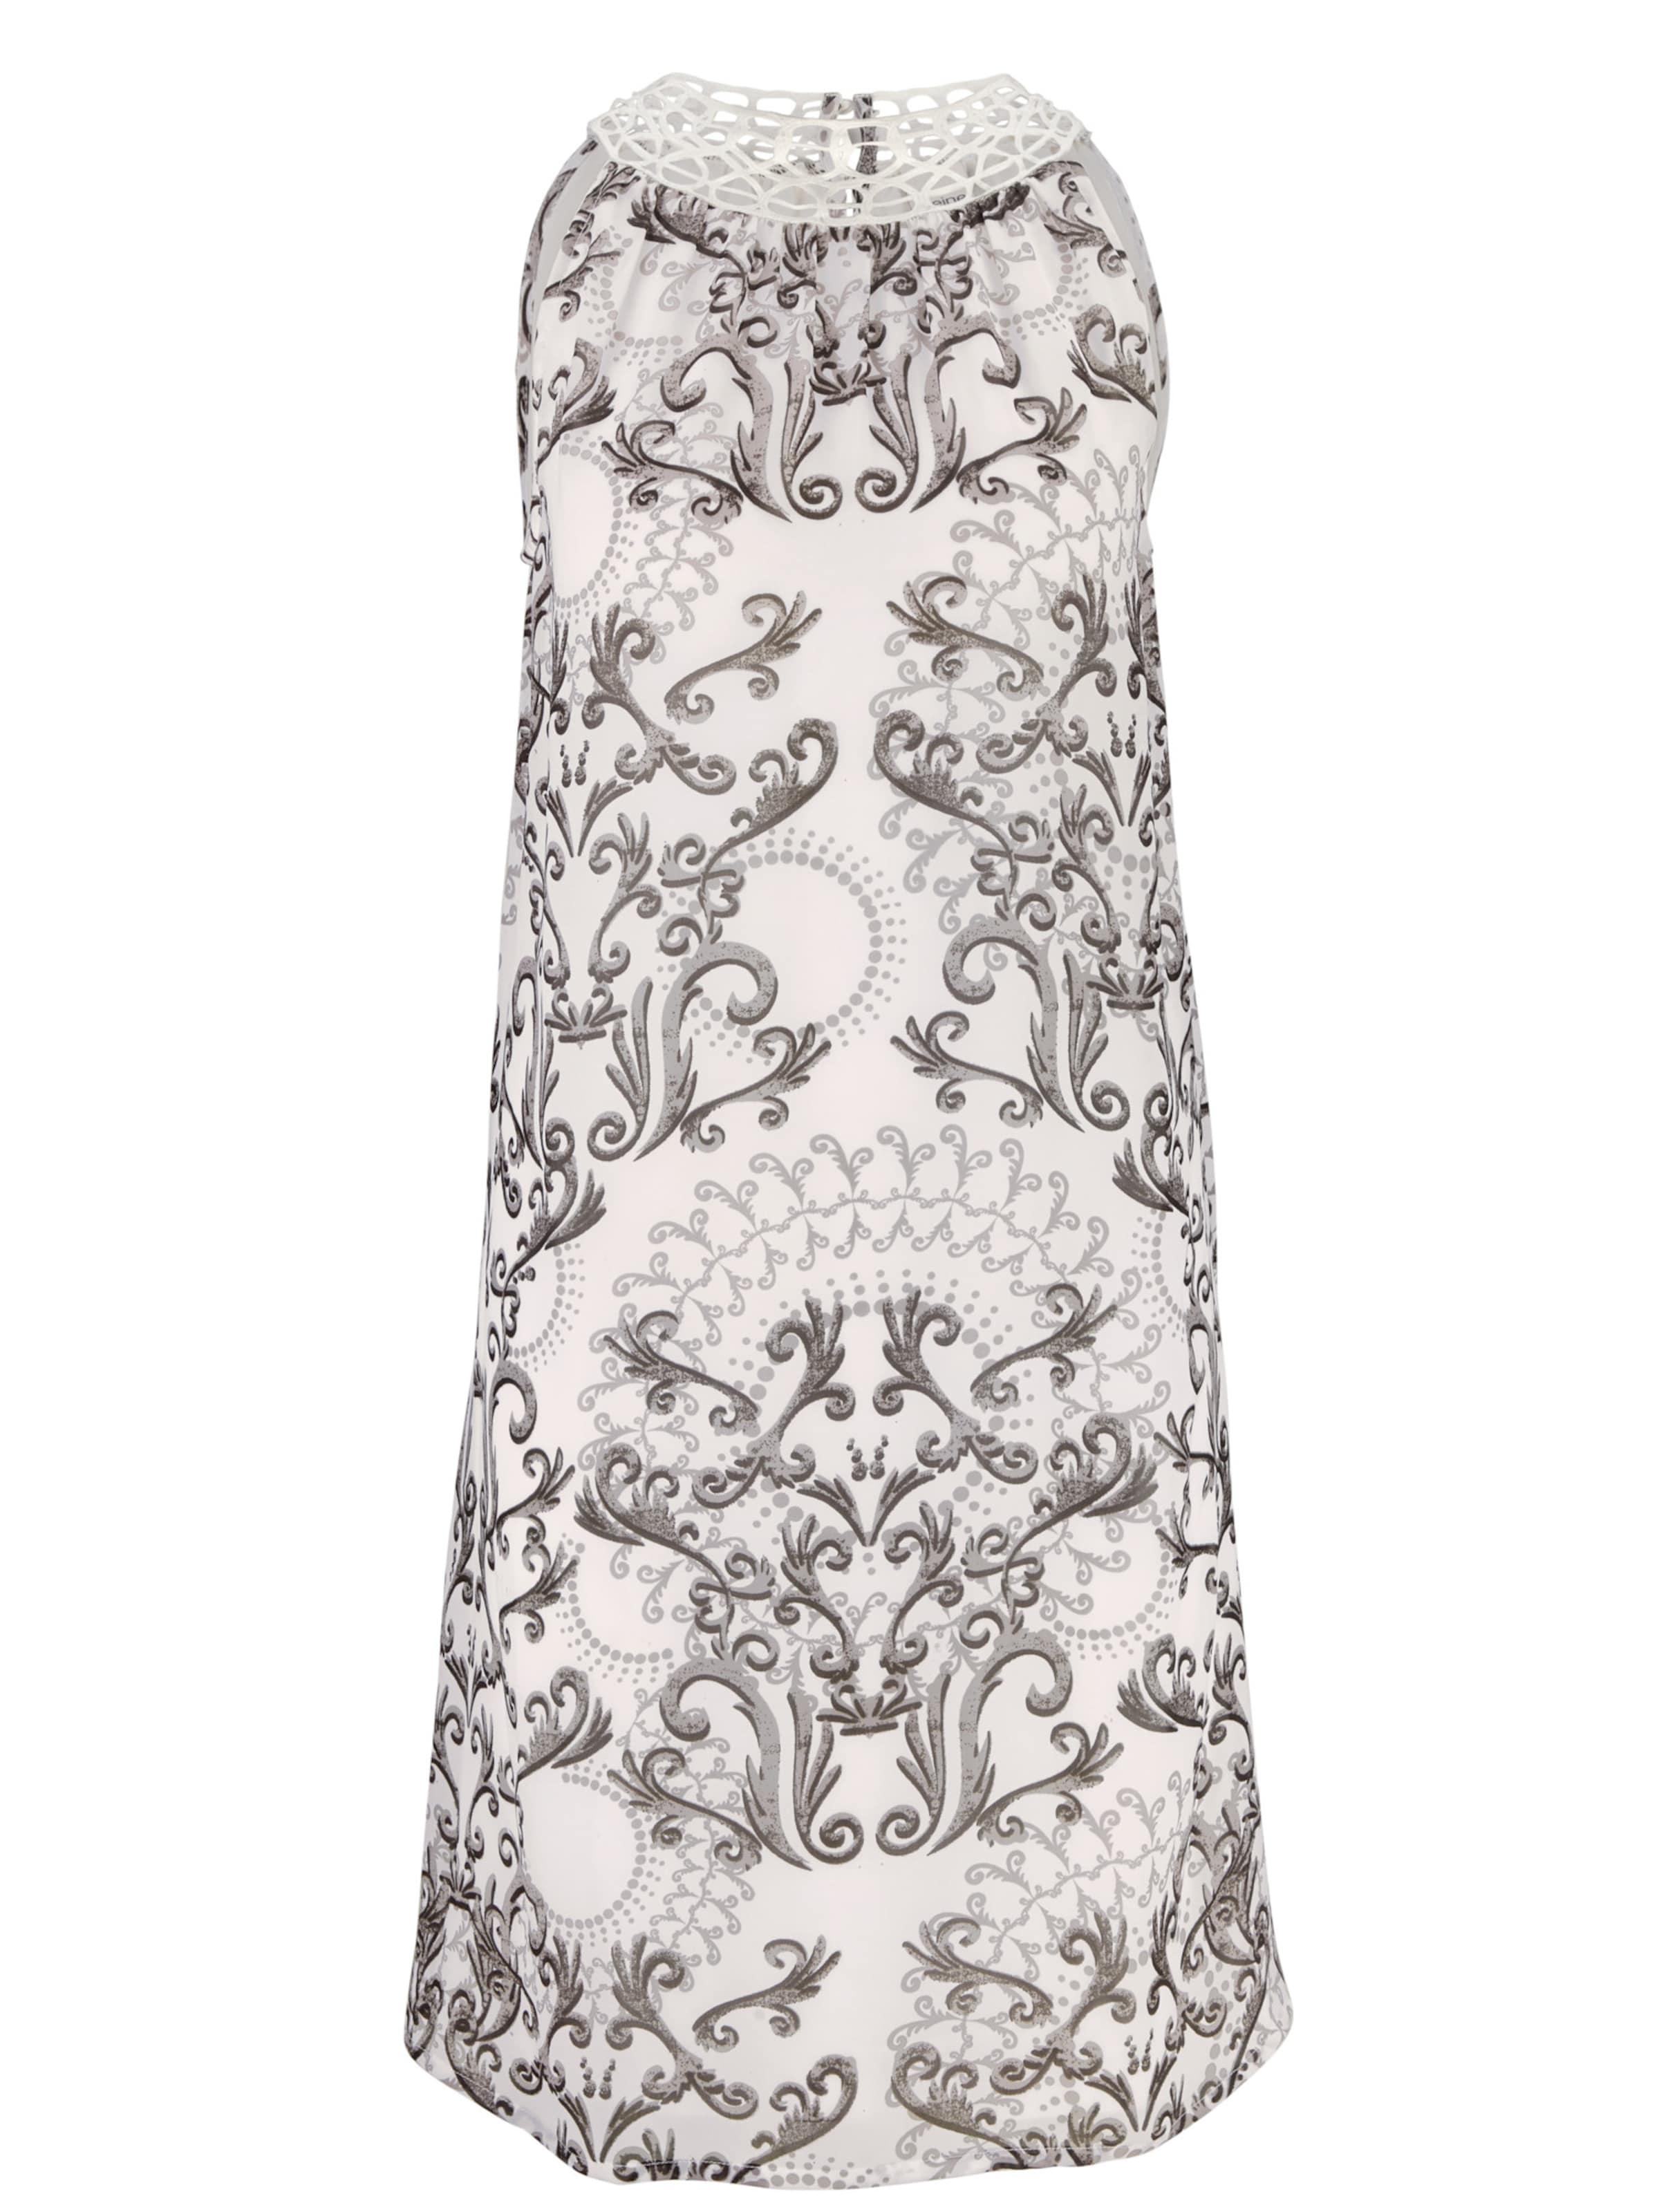 Heine TaupeSchwarz Kleid Heine TaupeSchwarz In Kleid Heine In Kleid Weiß In Weiß 7bgy6f